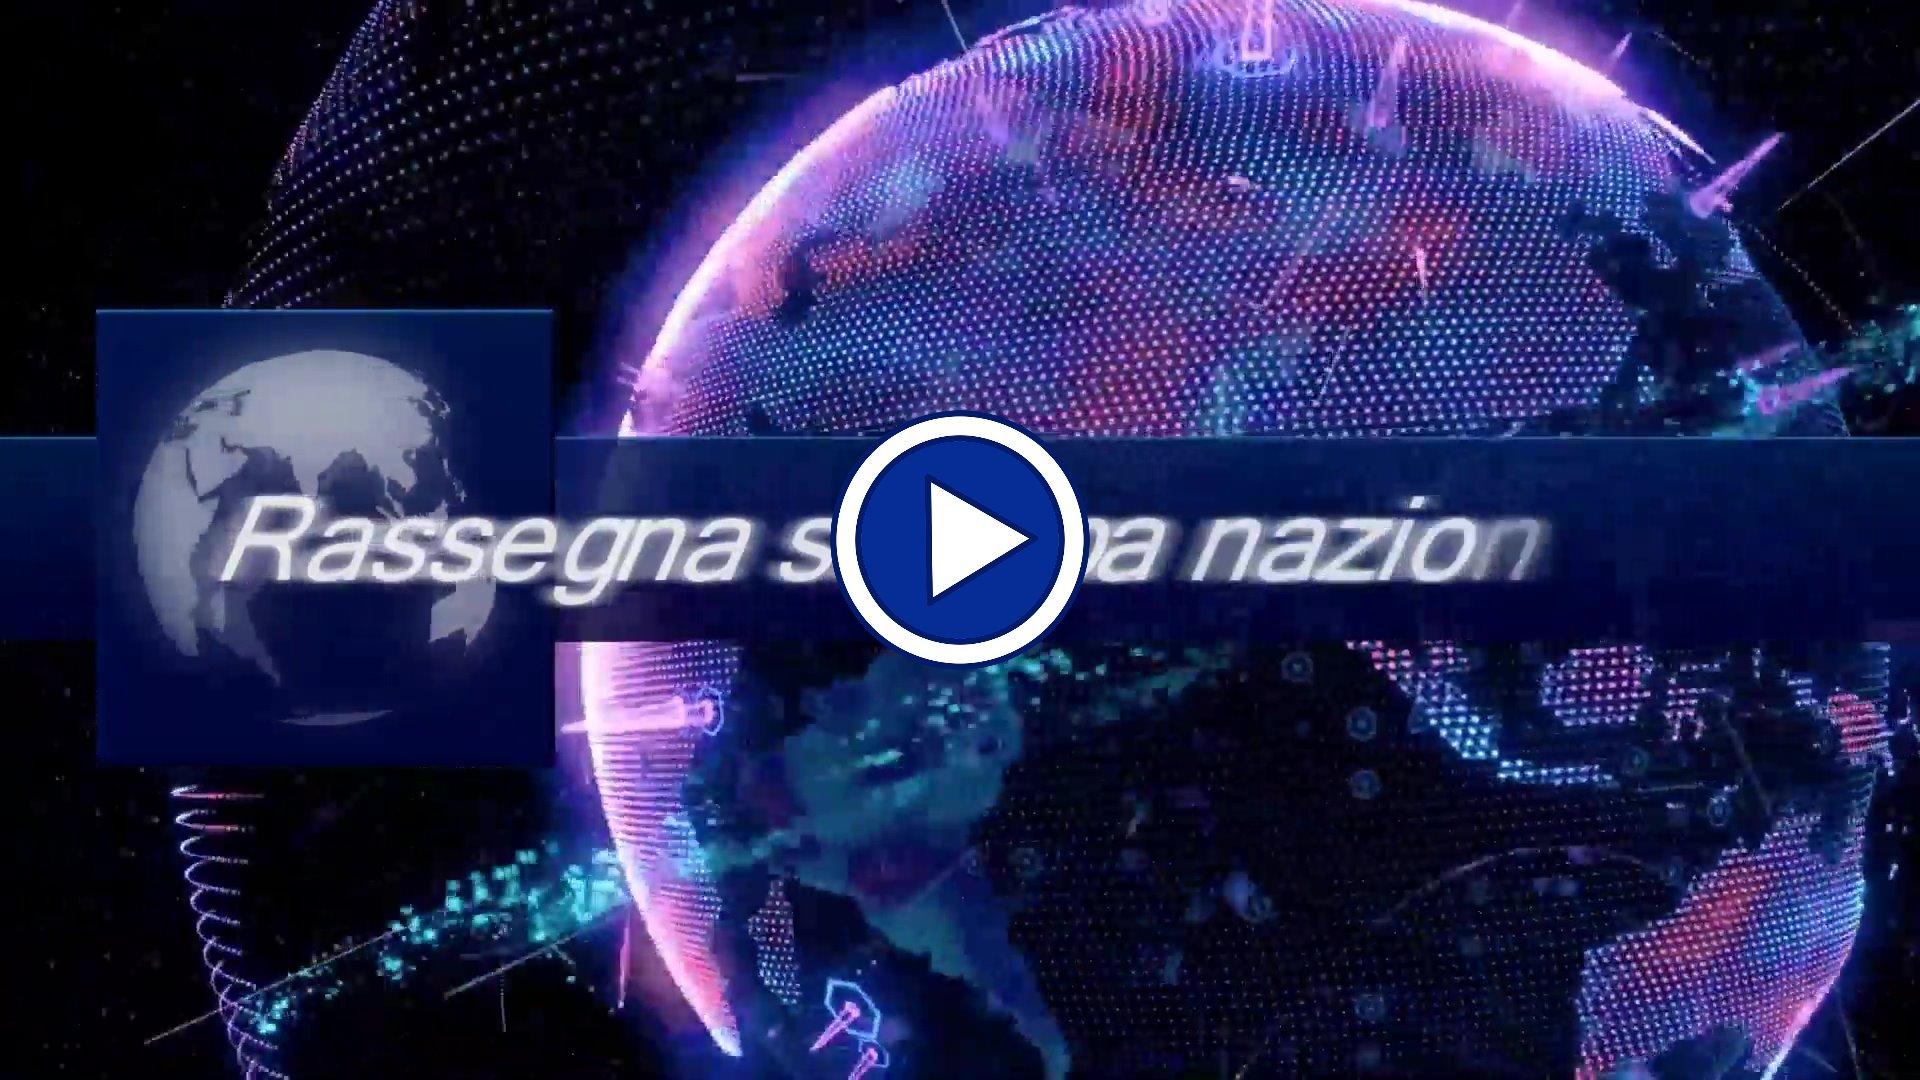 La video rassegna stampa nazionale di Umbria Journal TV di martedì 23 ottobre 2018